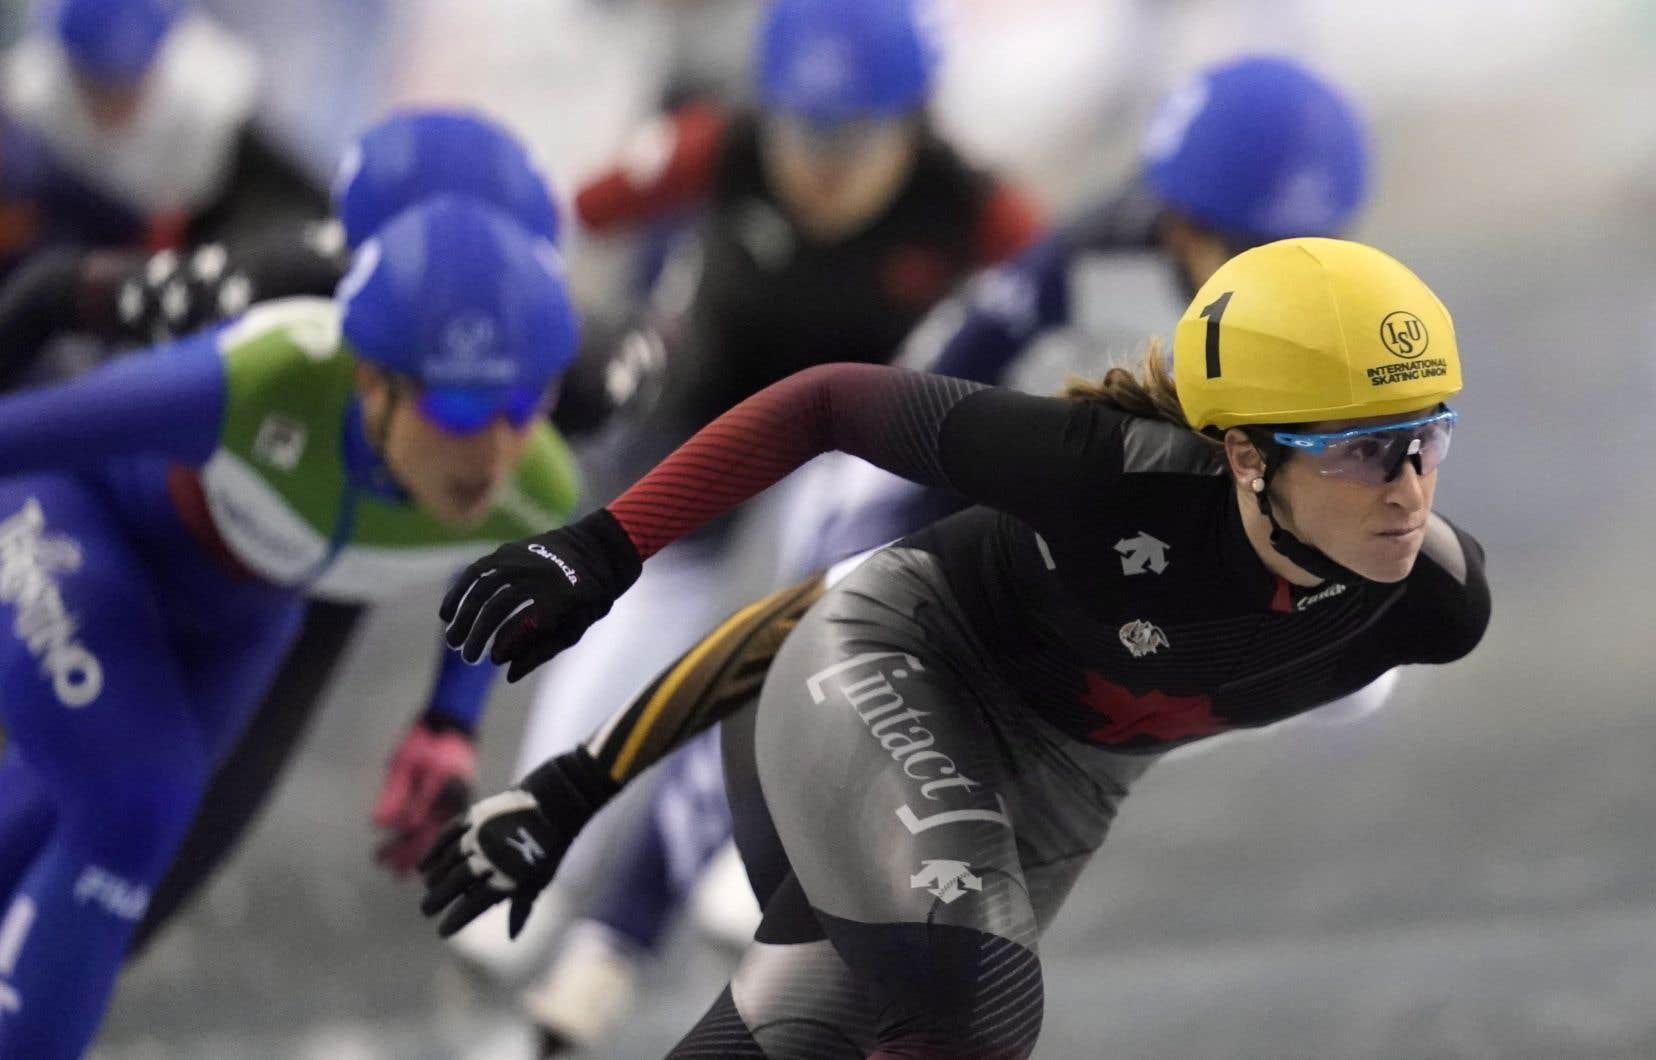 Ivanie Blondin (à droite) s'est signalée à Nagano en s'adjugeant la victoire lors du départ de groupe féminin.